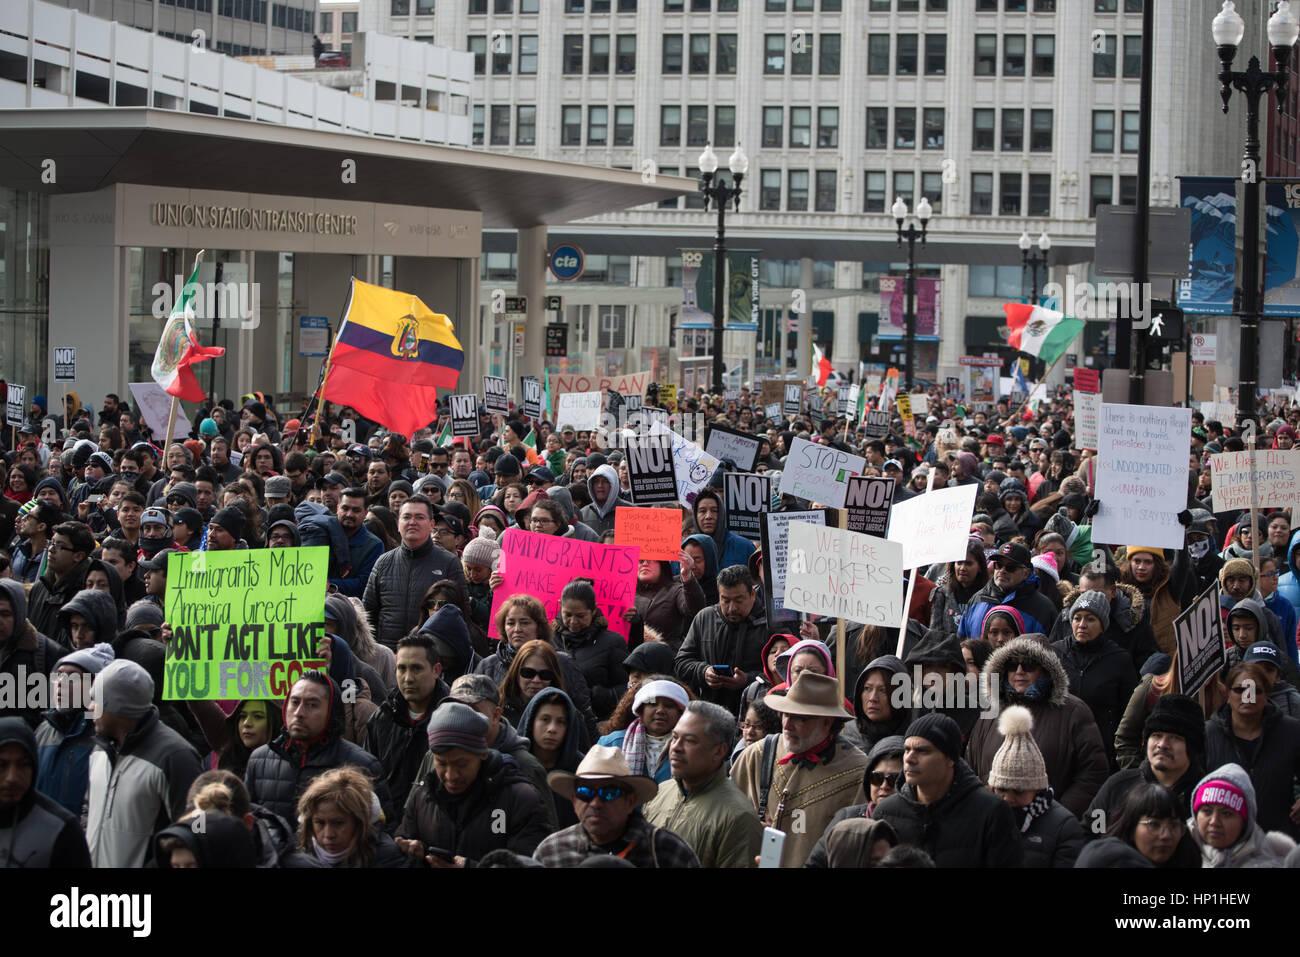 Chicago, USA. 16. Februar 2017. Demonstranten in Chicago marschierten im Rahmen eines landesweiten Protestes genannt Stockfoto